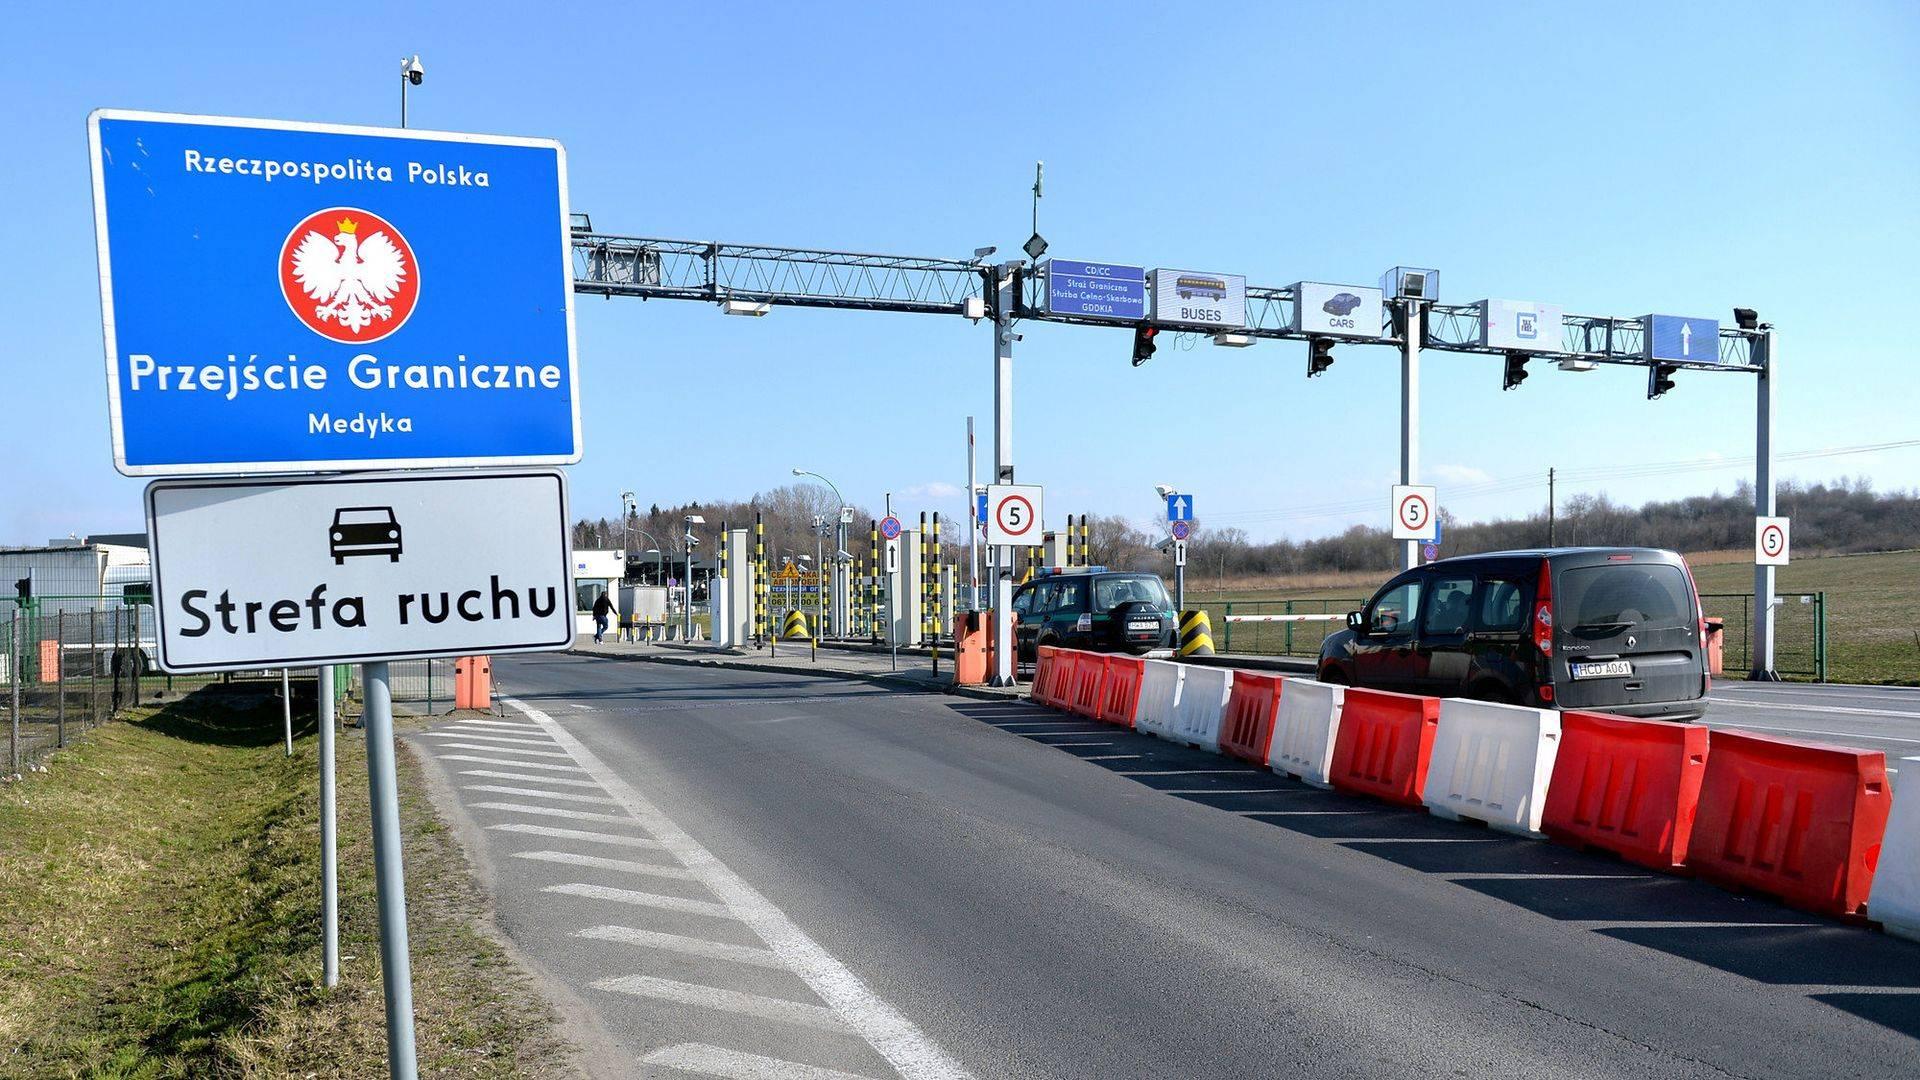 Въезд в польшу: правила пересечения польской границы для украинцев, россиян и белорусов